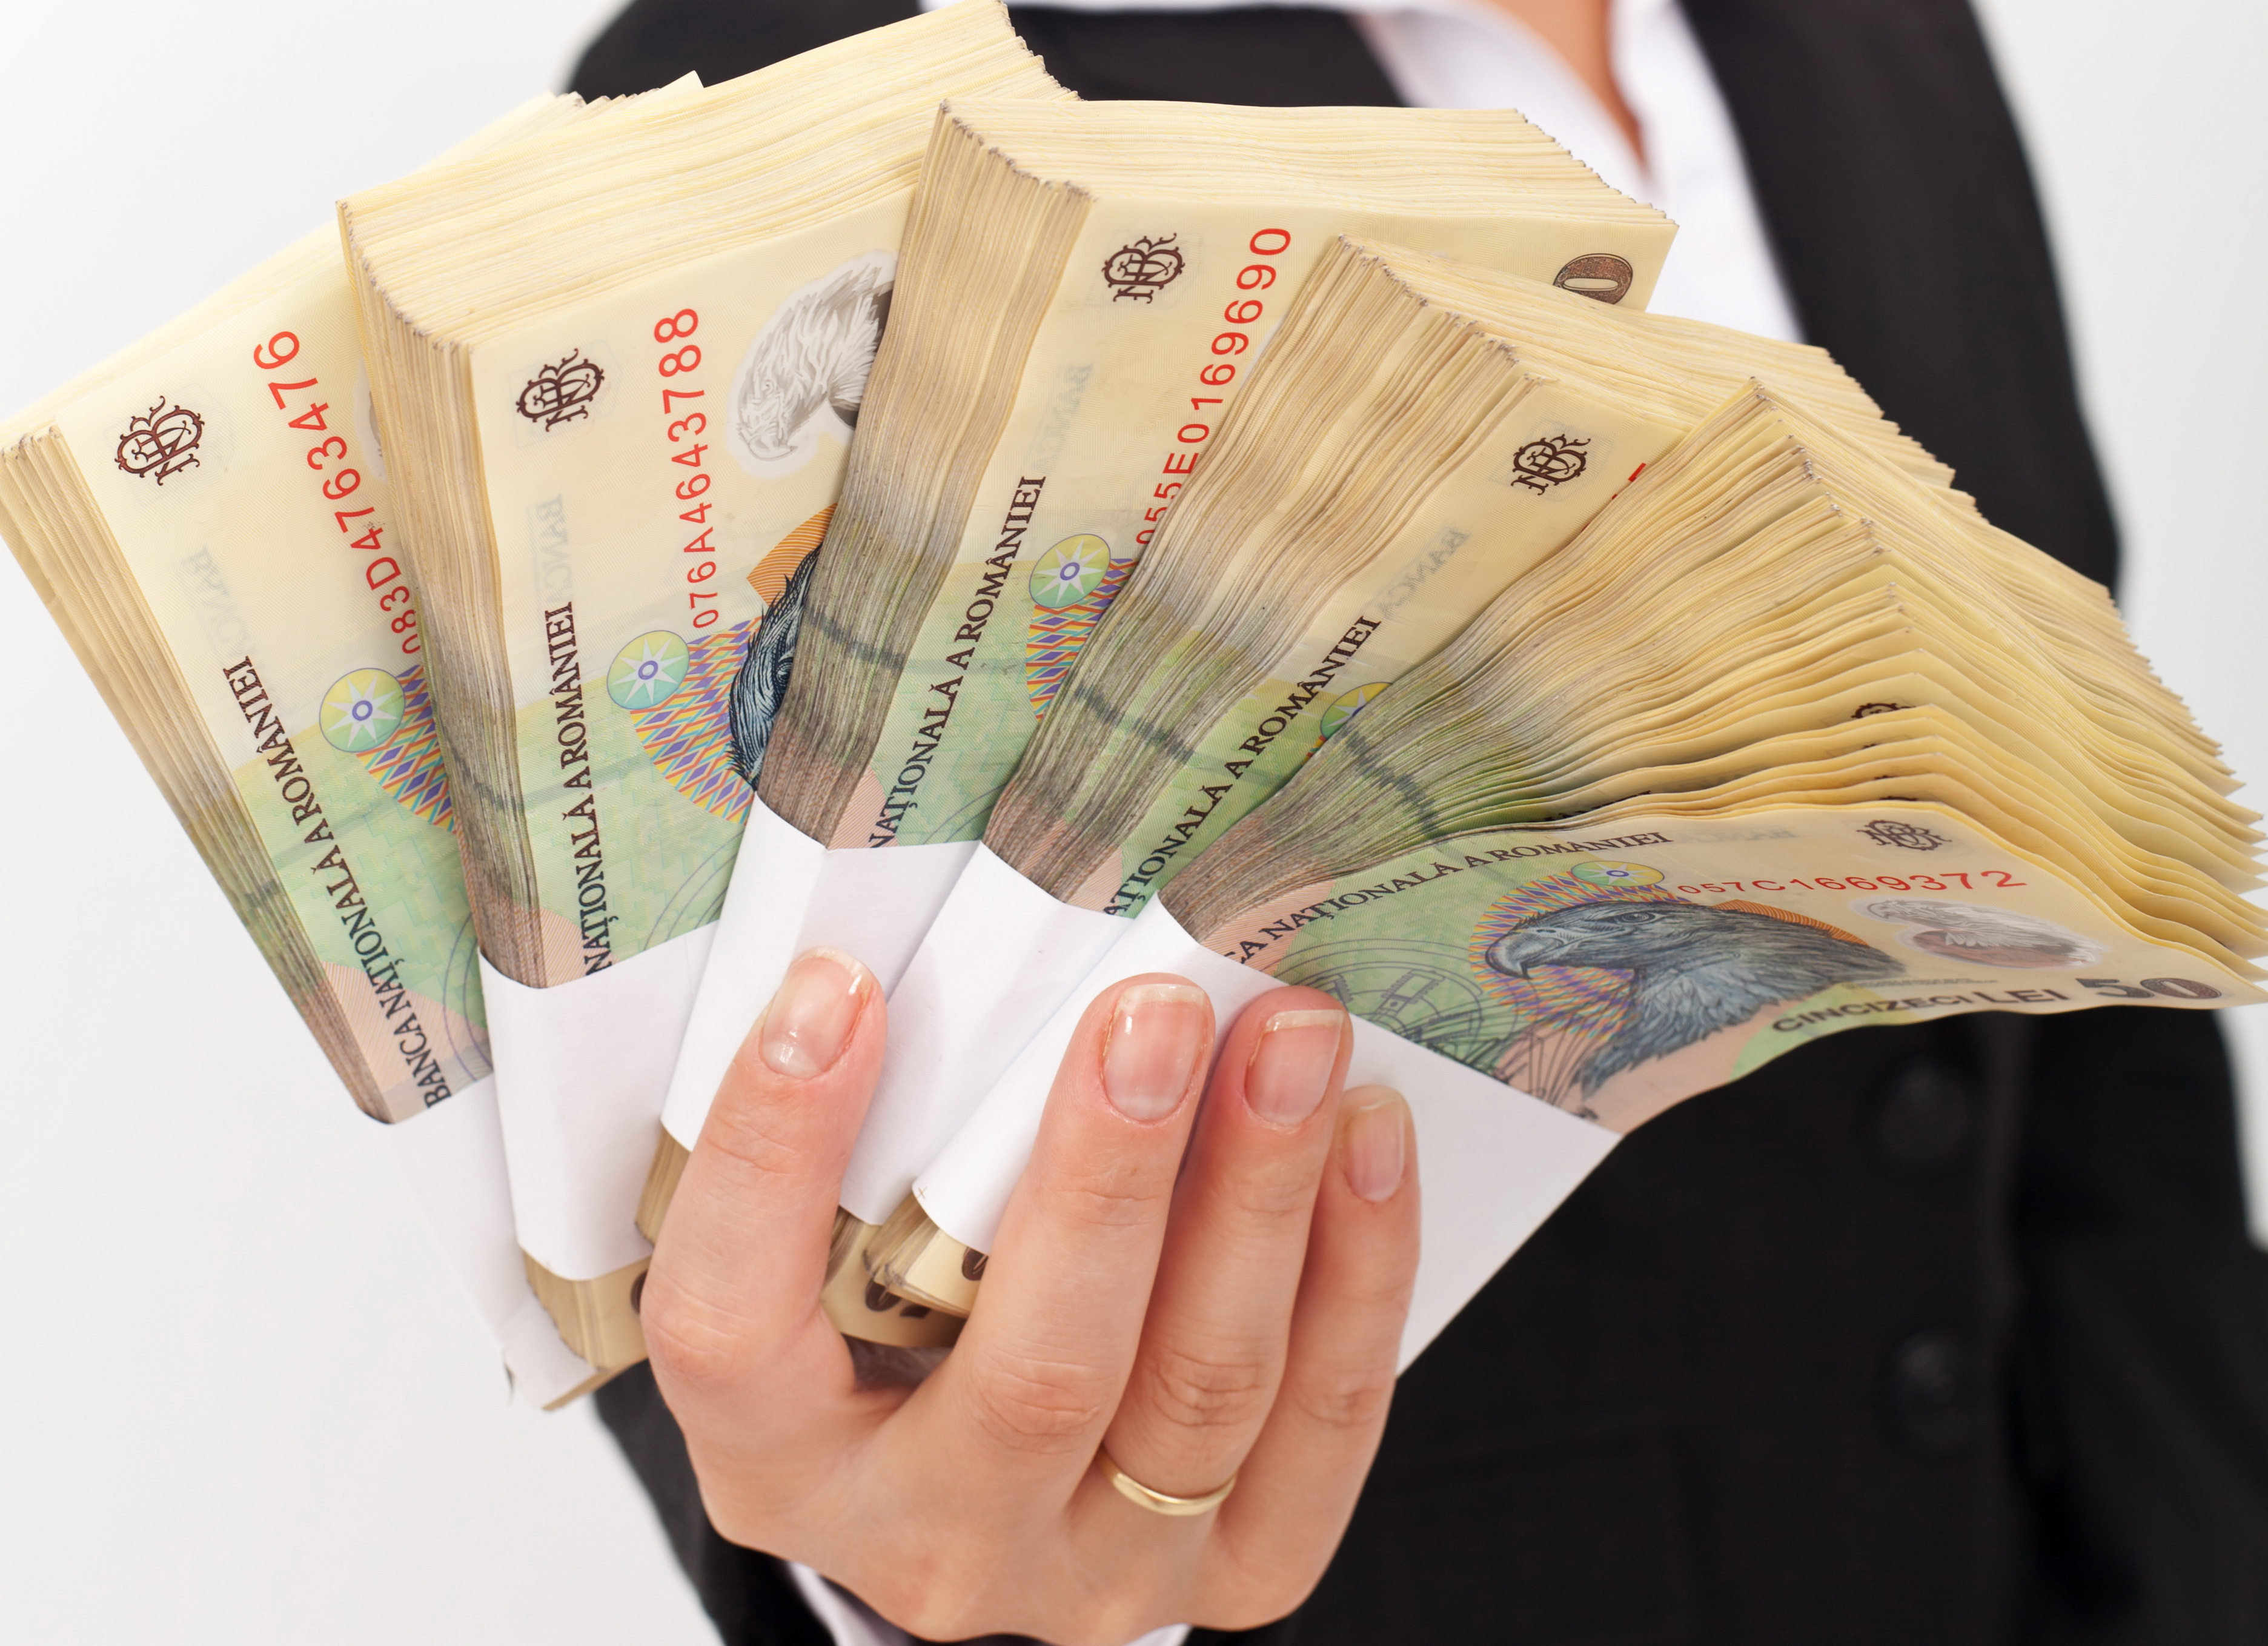 Proiect de ordonanţă care schimbă Codul Fiscal: Rambursarea împrumuturilor către multinaţionale, deductibilă doar în proporţie de 30%